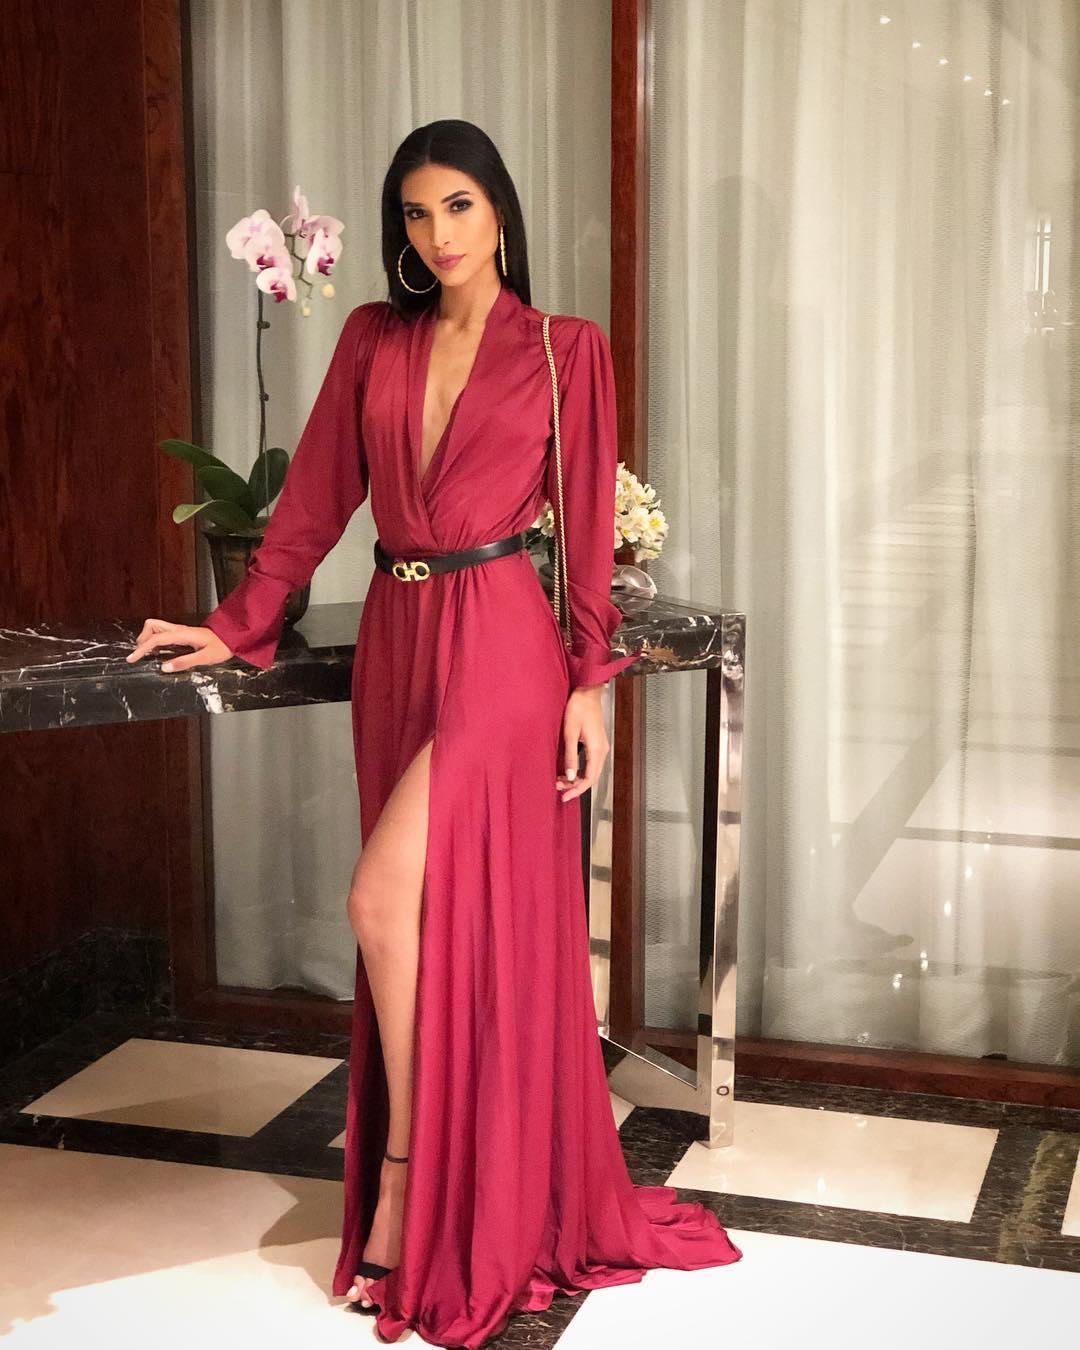 marianny egurrola, top 20 de miss intercontinental 2018-2019. - Página 5 50583810